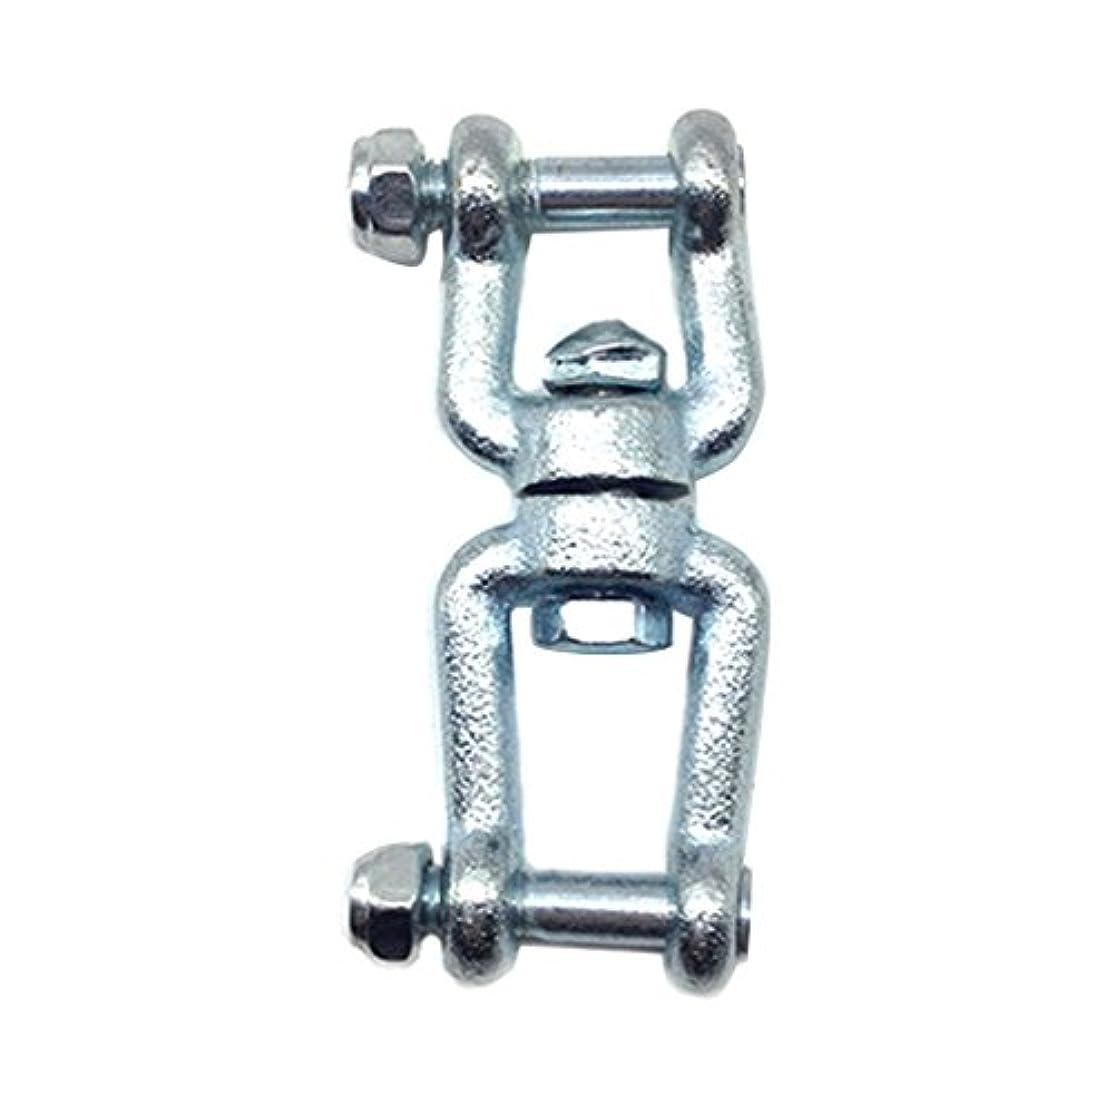 ソファー忠実首尾一貫したPerfk 耐久性 メタル製 バッグスイングシートフック リング コネクタ スイング回転リングフック